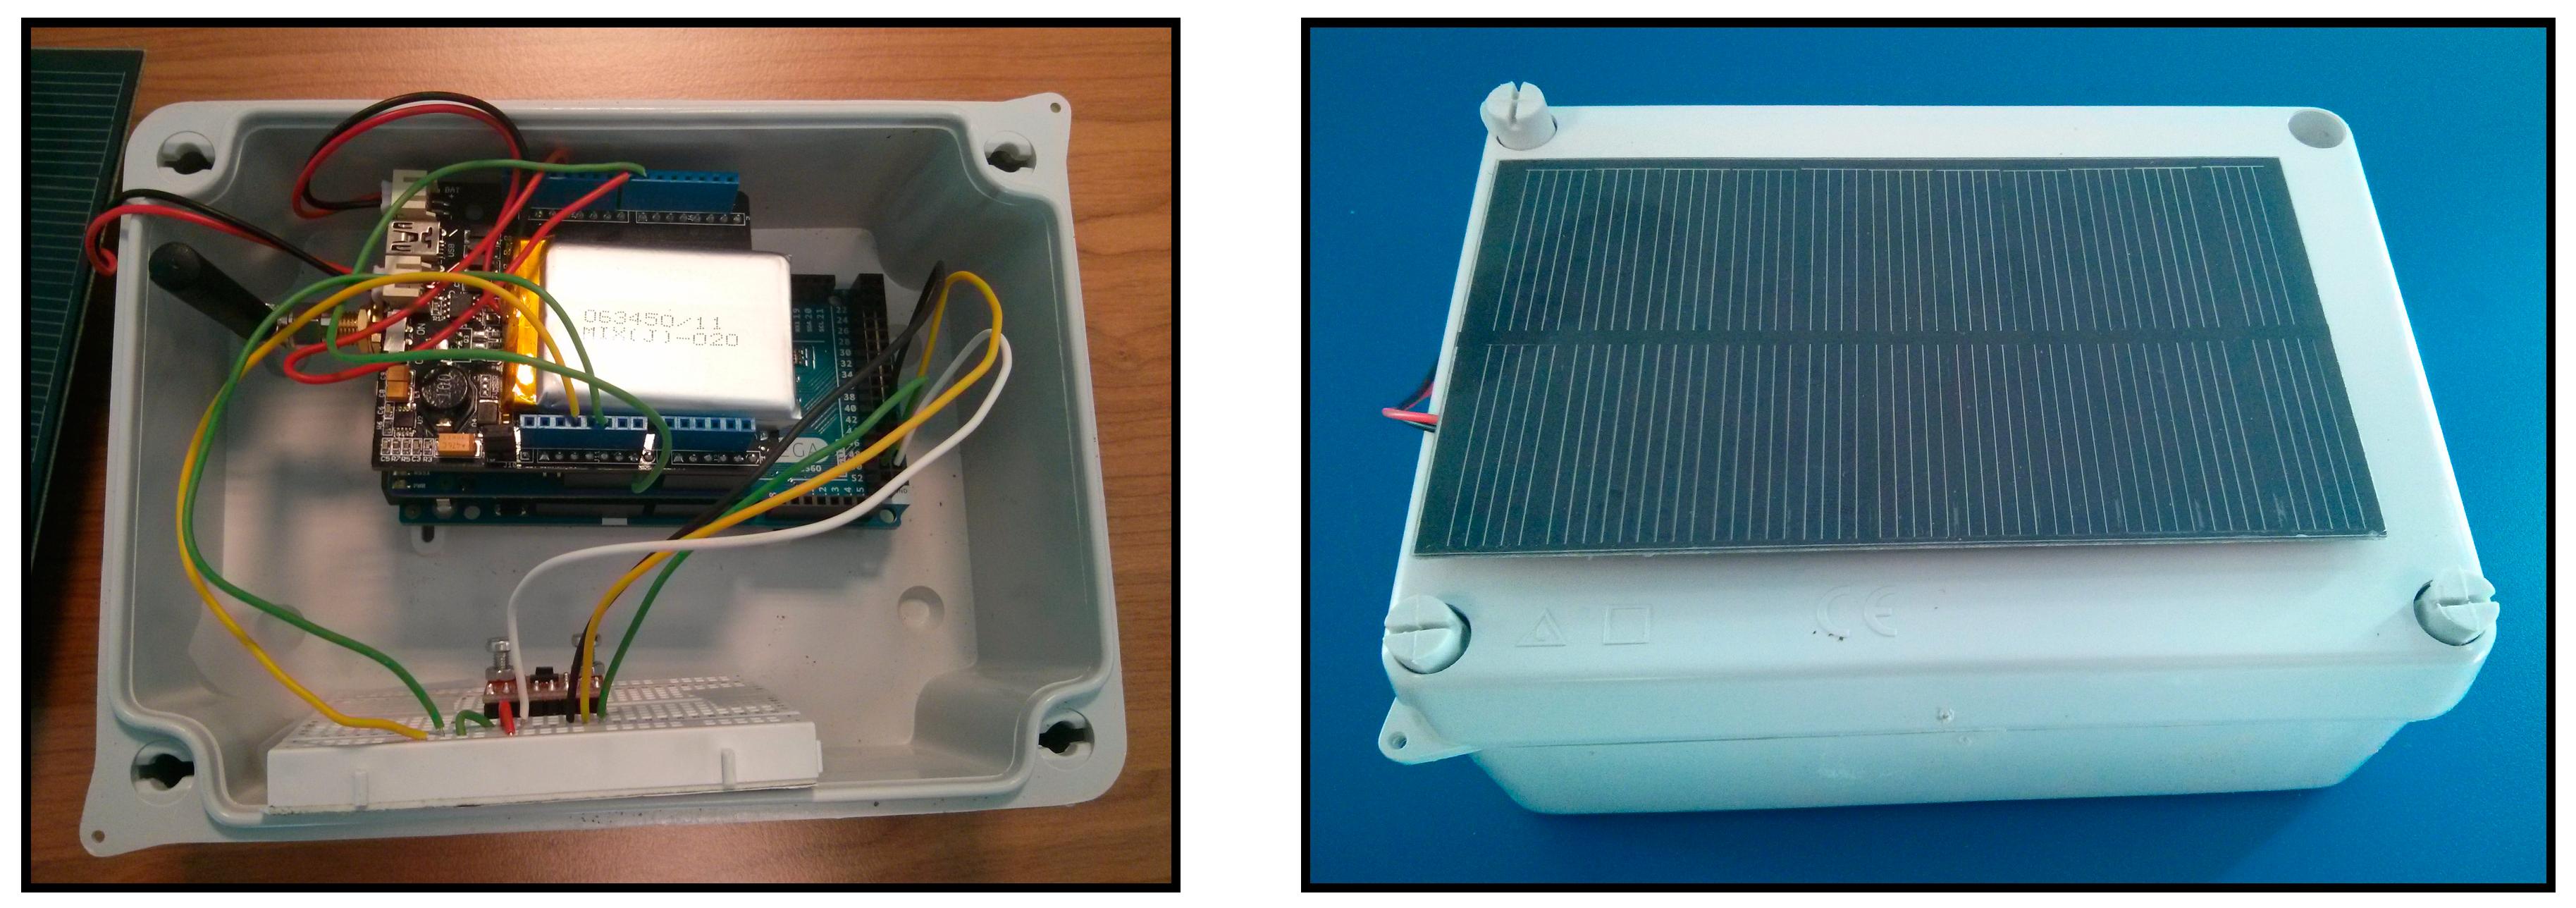 Sensors | Free Full-Text | Sensor4PRI: A Sensor Platform for the ...